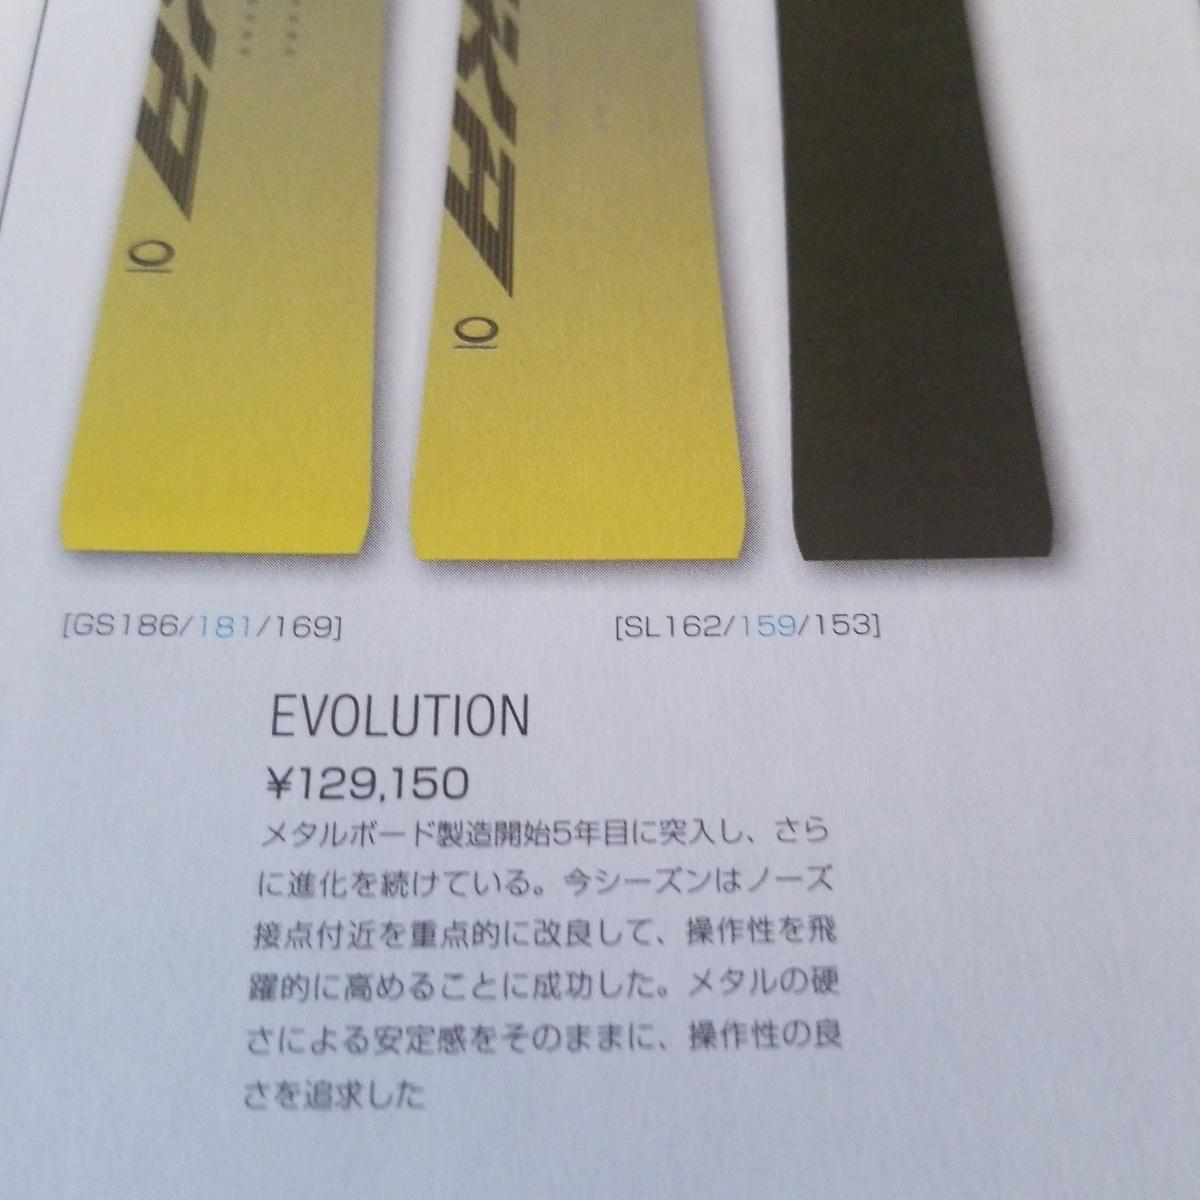 ★即乗れます-春シーズン-Ogasaka-Evolution-SL-159ソールガード付き滑走面ホットワックスブラッシング-エッジチューンアップsgmossyonexf2_画像10